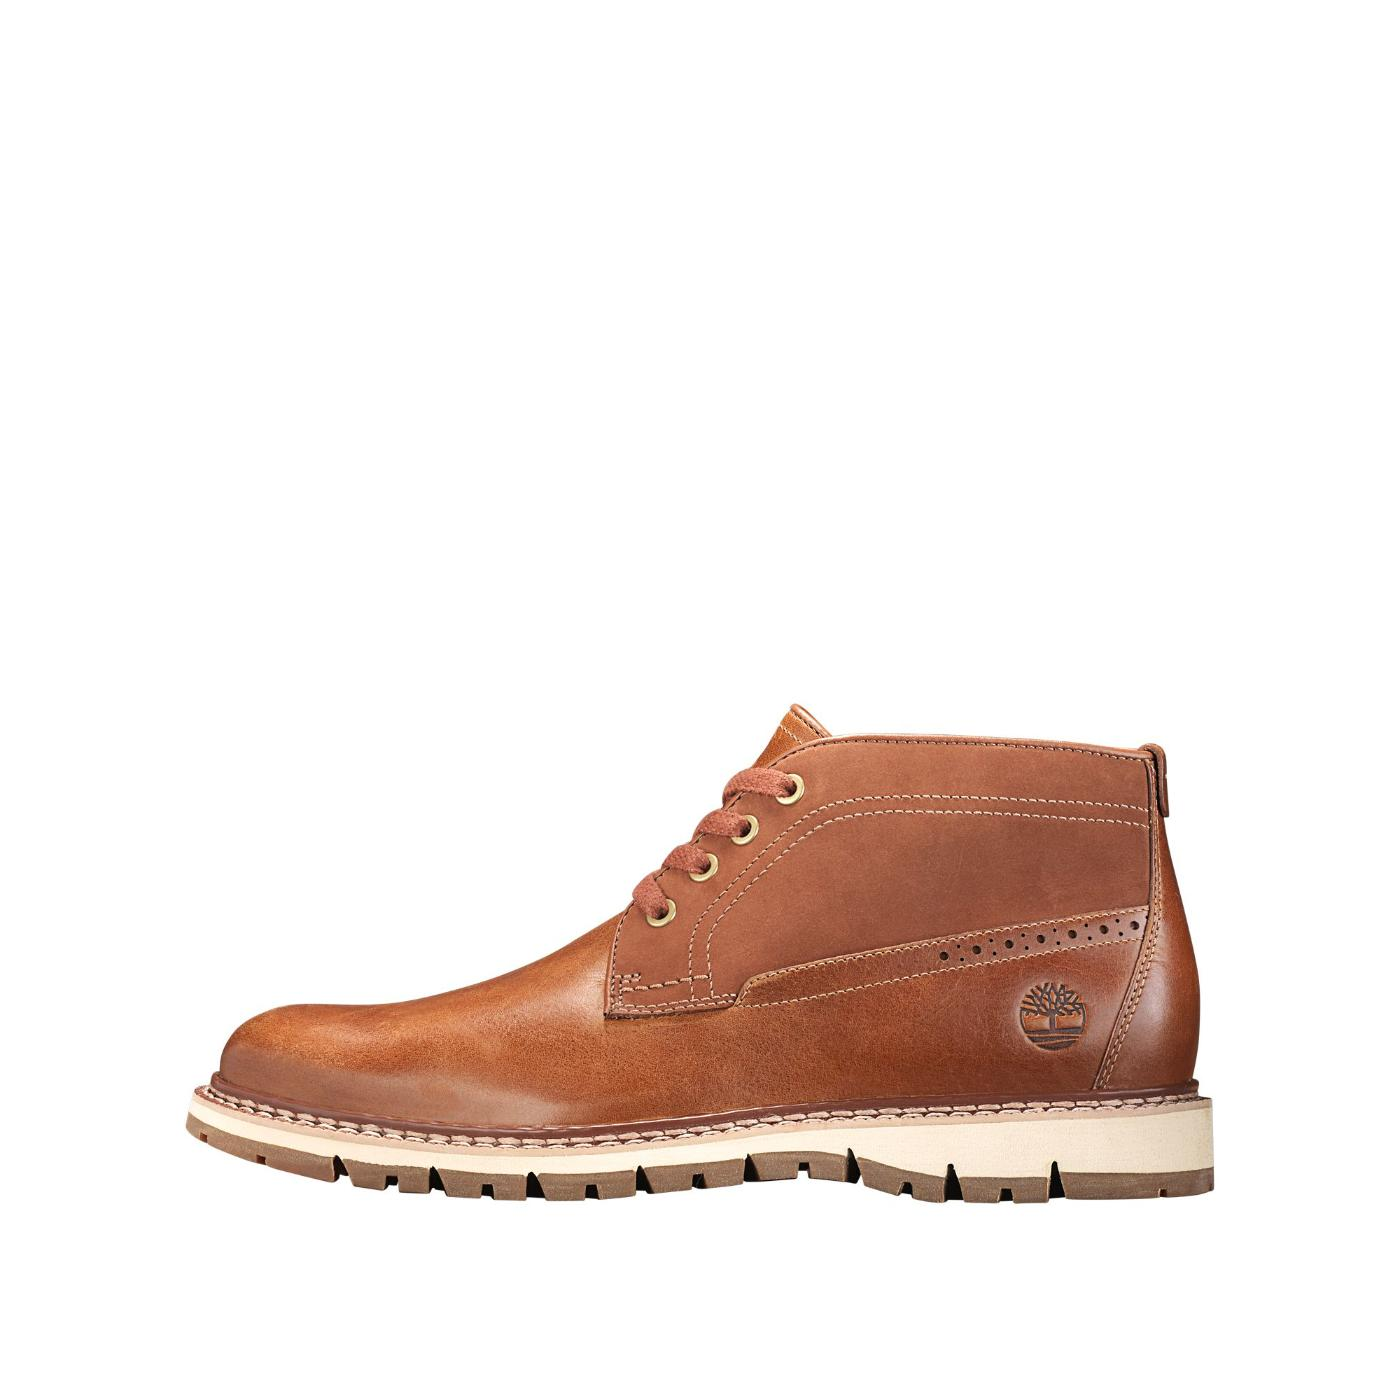 Timberland Men's Britton Hill Chukka Boots Sensor Flex Brown